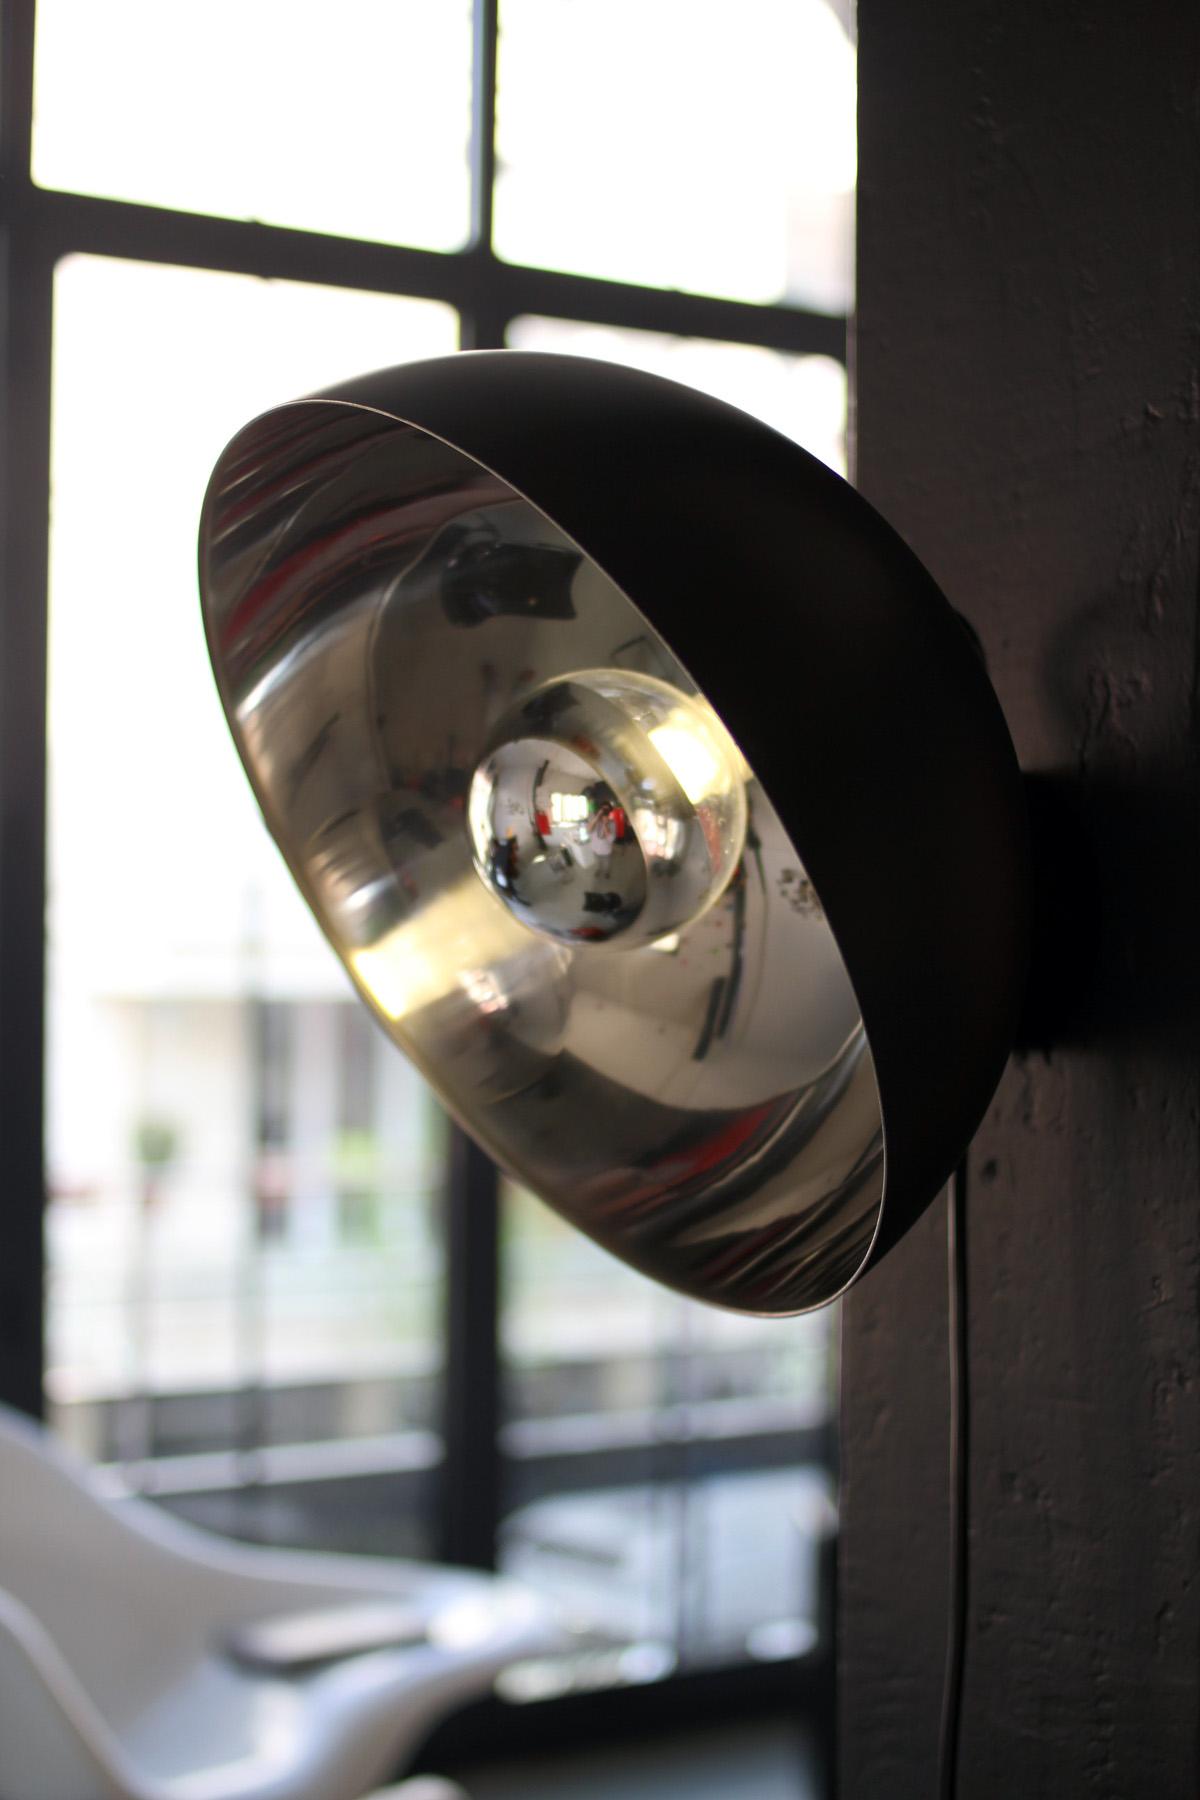 Cul de poule - luminaire - applique - Objet - bol - metal - couleur NOIR - design sur-mesure - Agence MAJOTIK